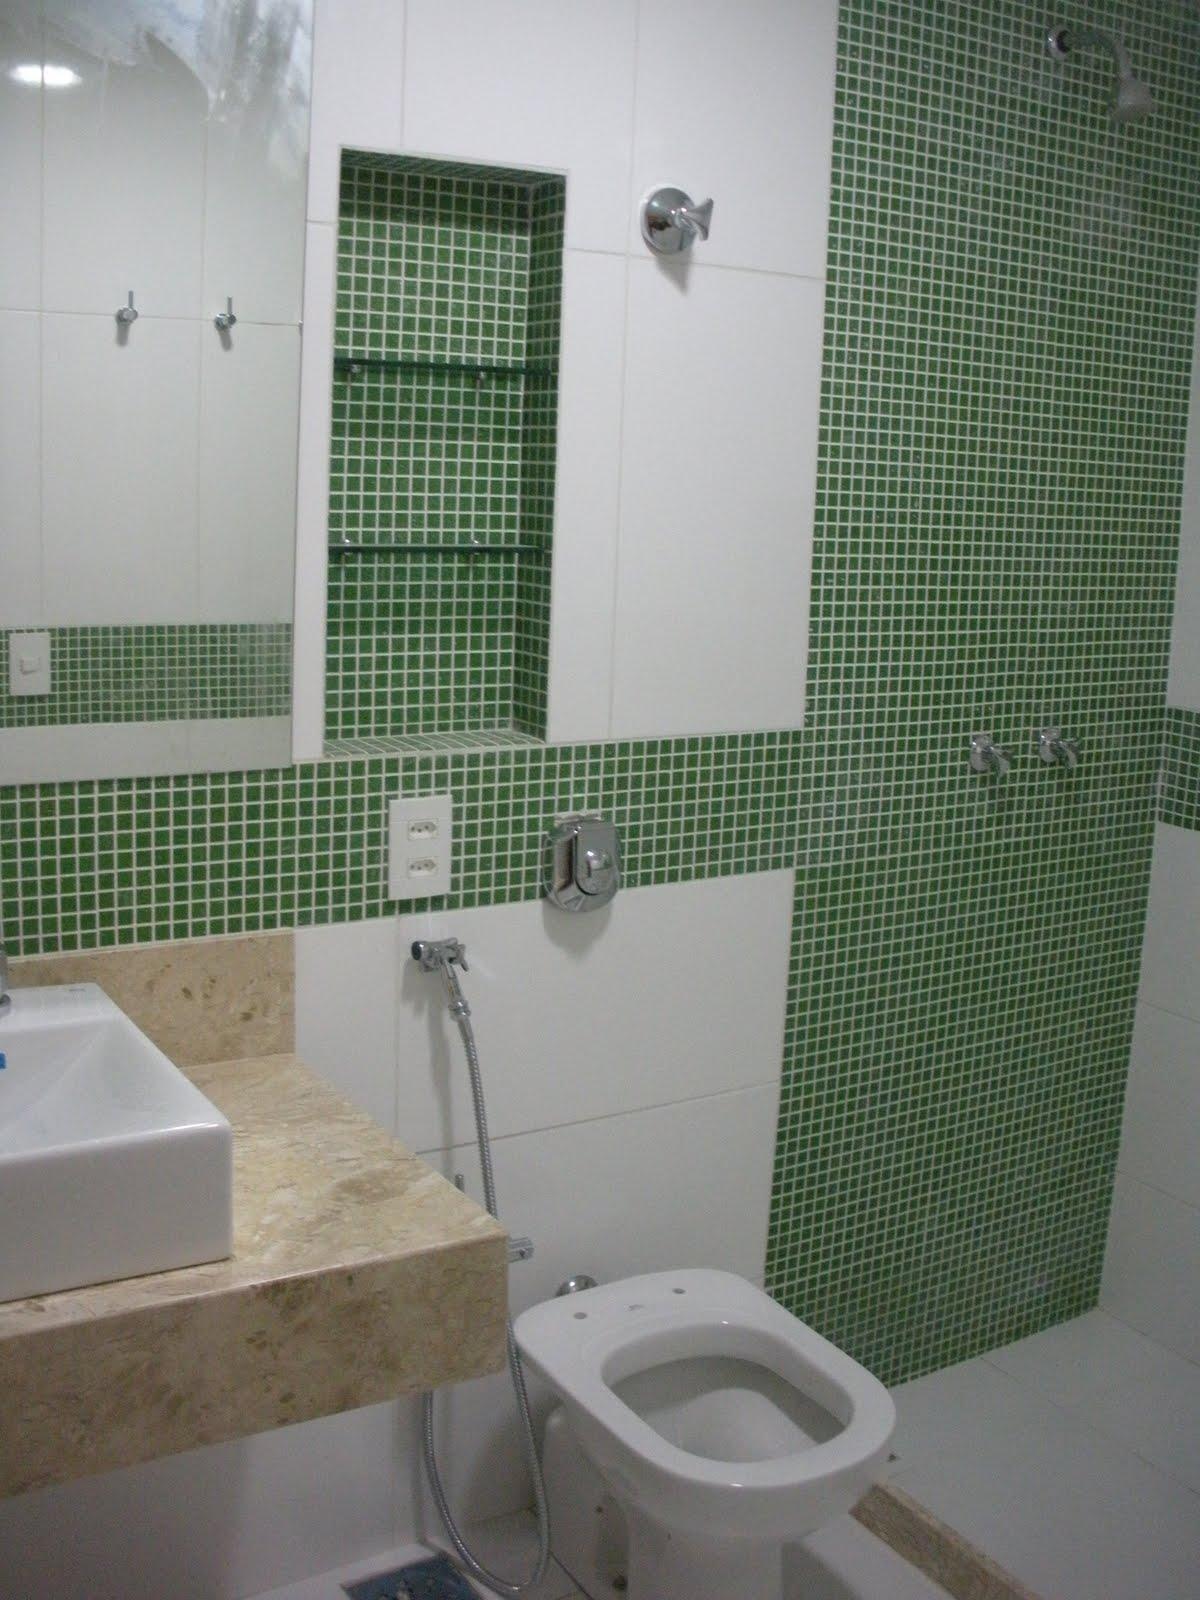 Pin Banheiro Com Pastilhas Verdes Pelautscom on Pinterest #3A4936 1200x1600 Banheiro Branco Com Pastilhas Verdes